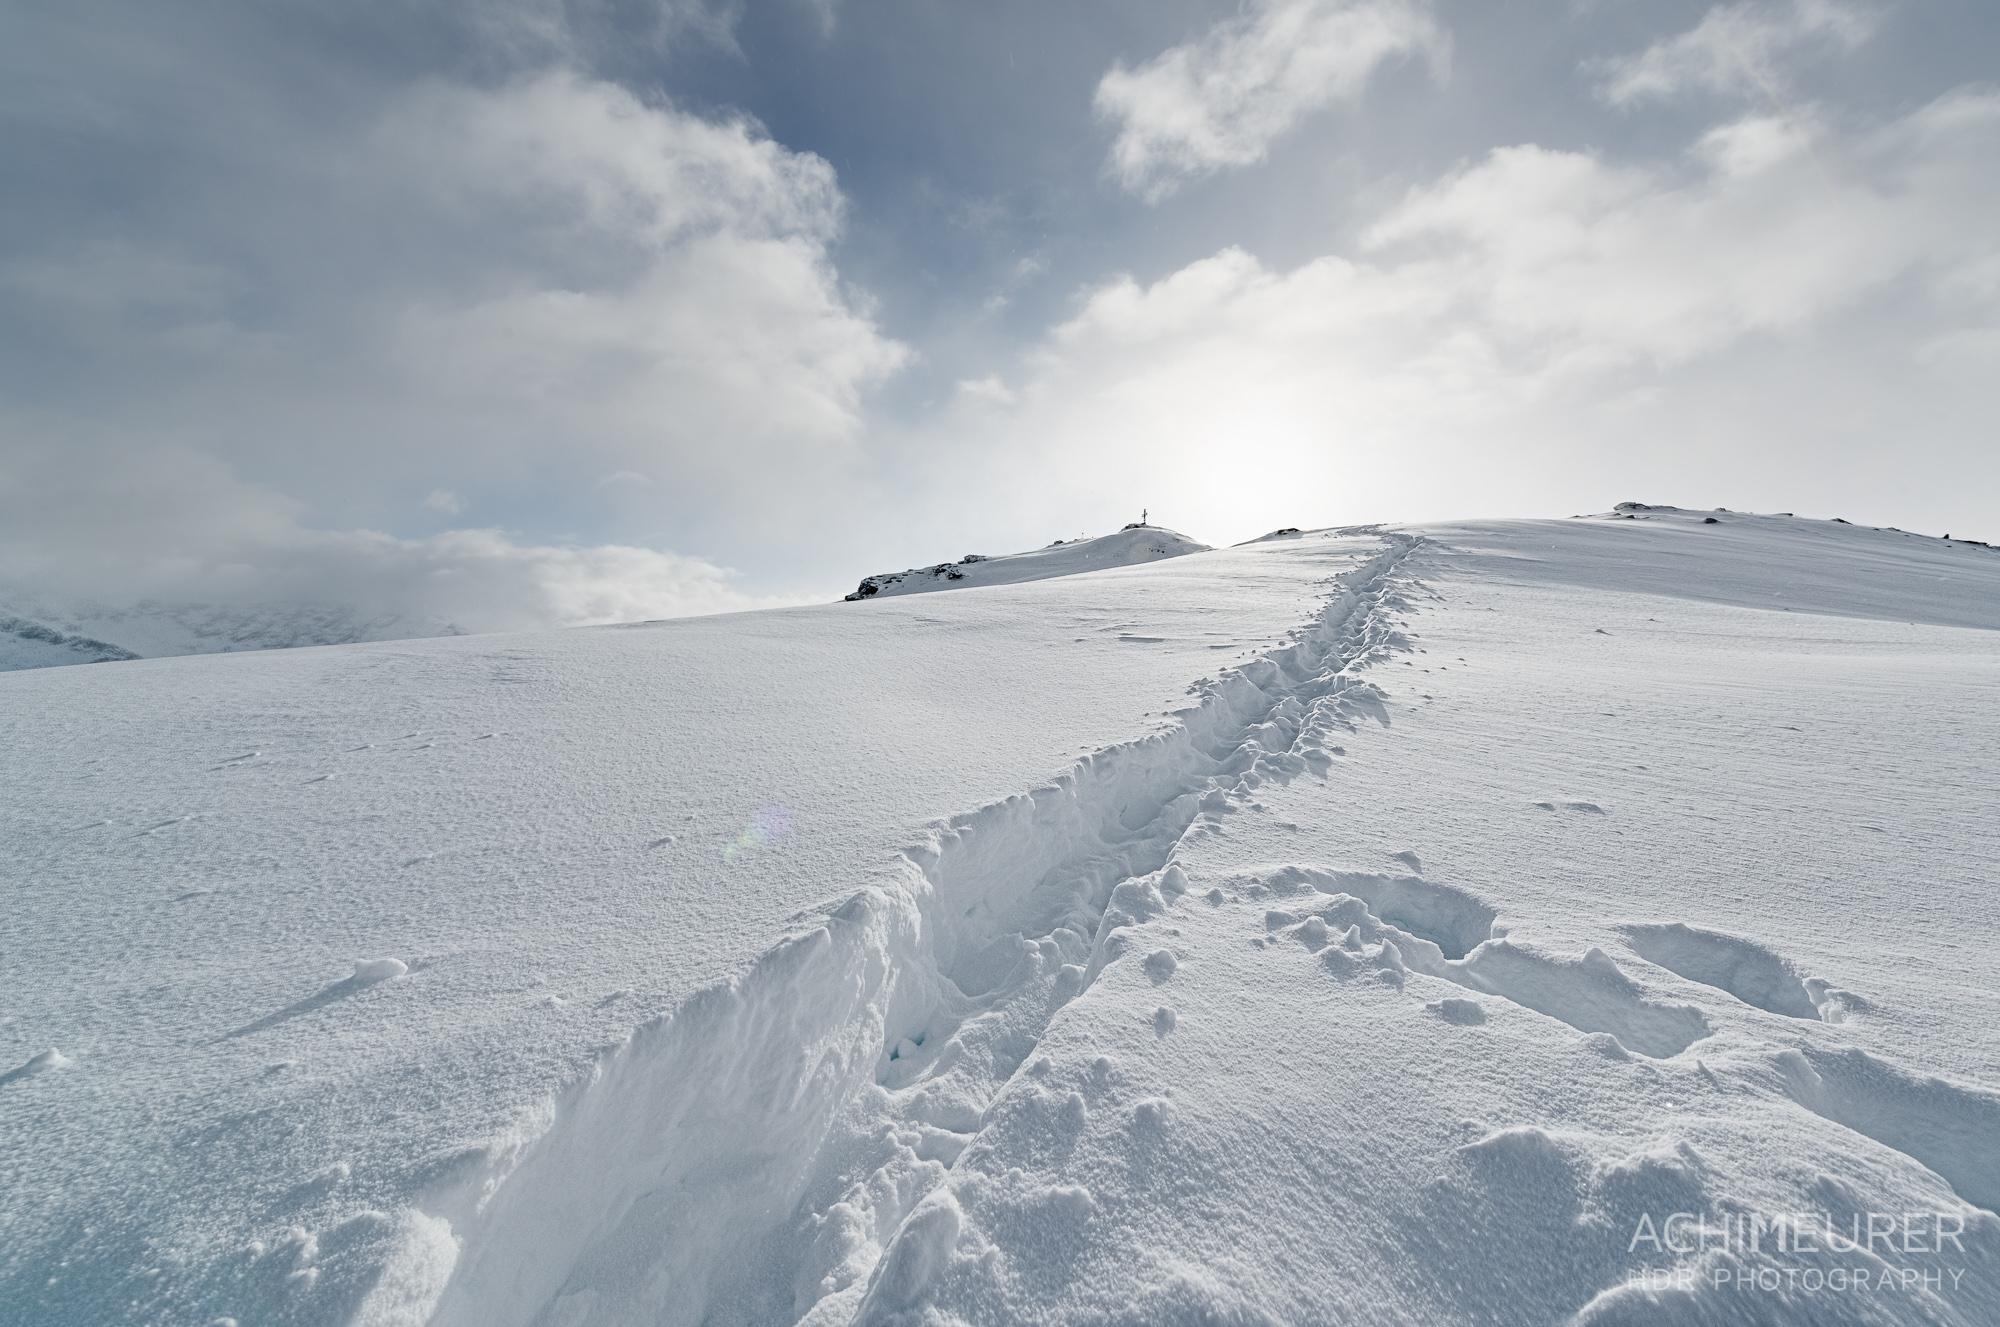 Die-schoensten-Winterfotos-Winterlandschaft-42 by Achim Meurer.